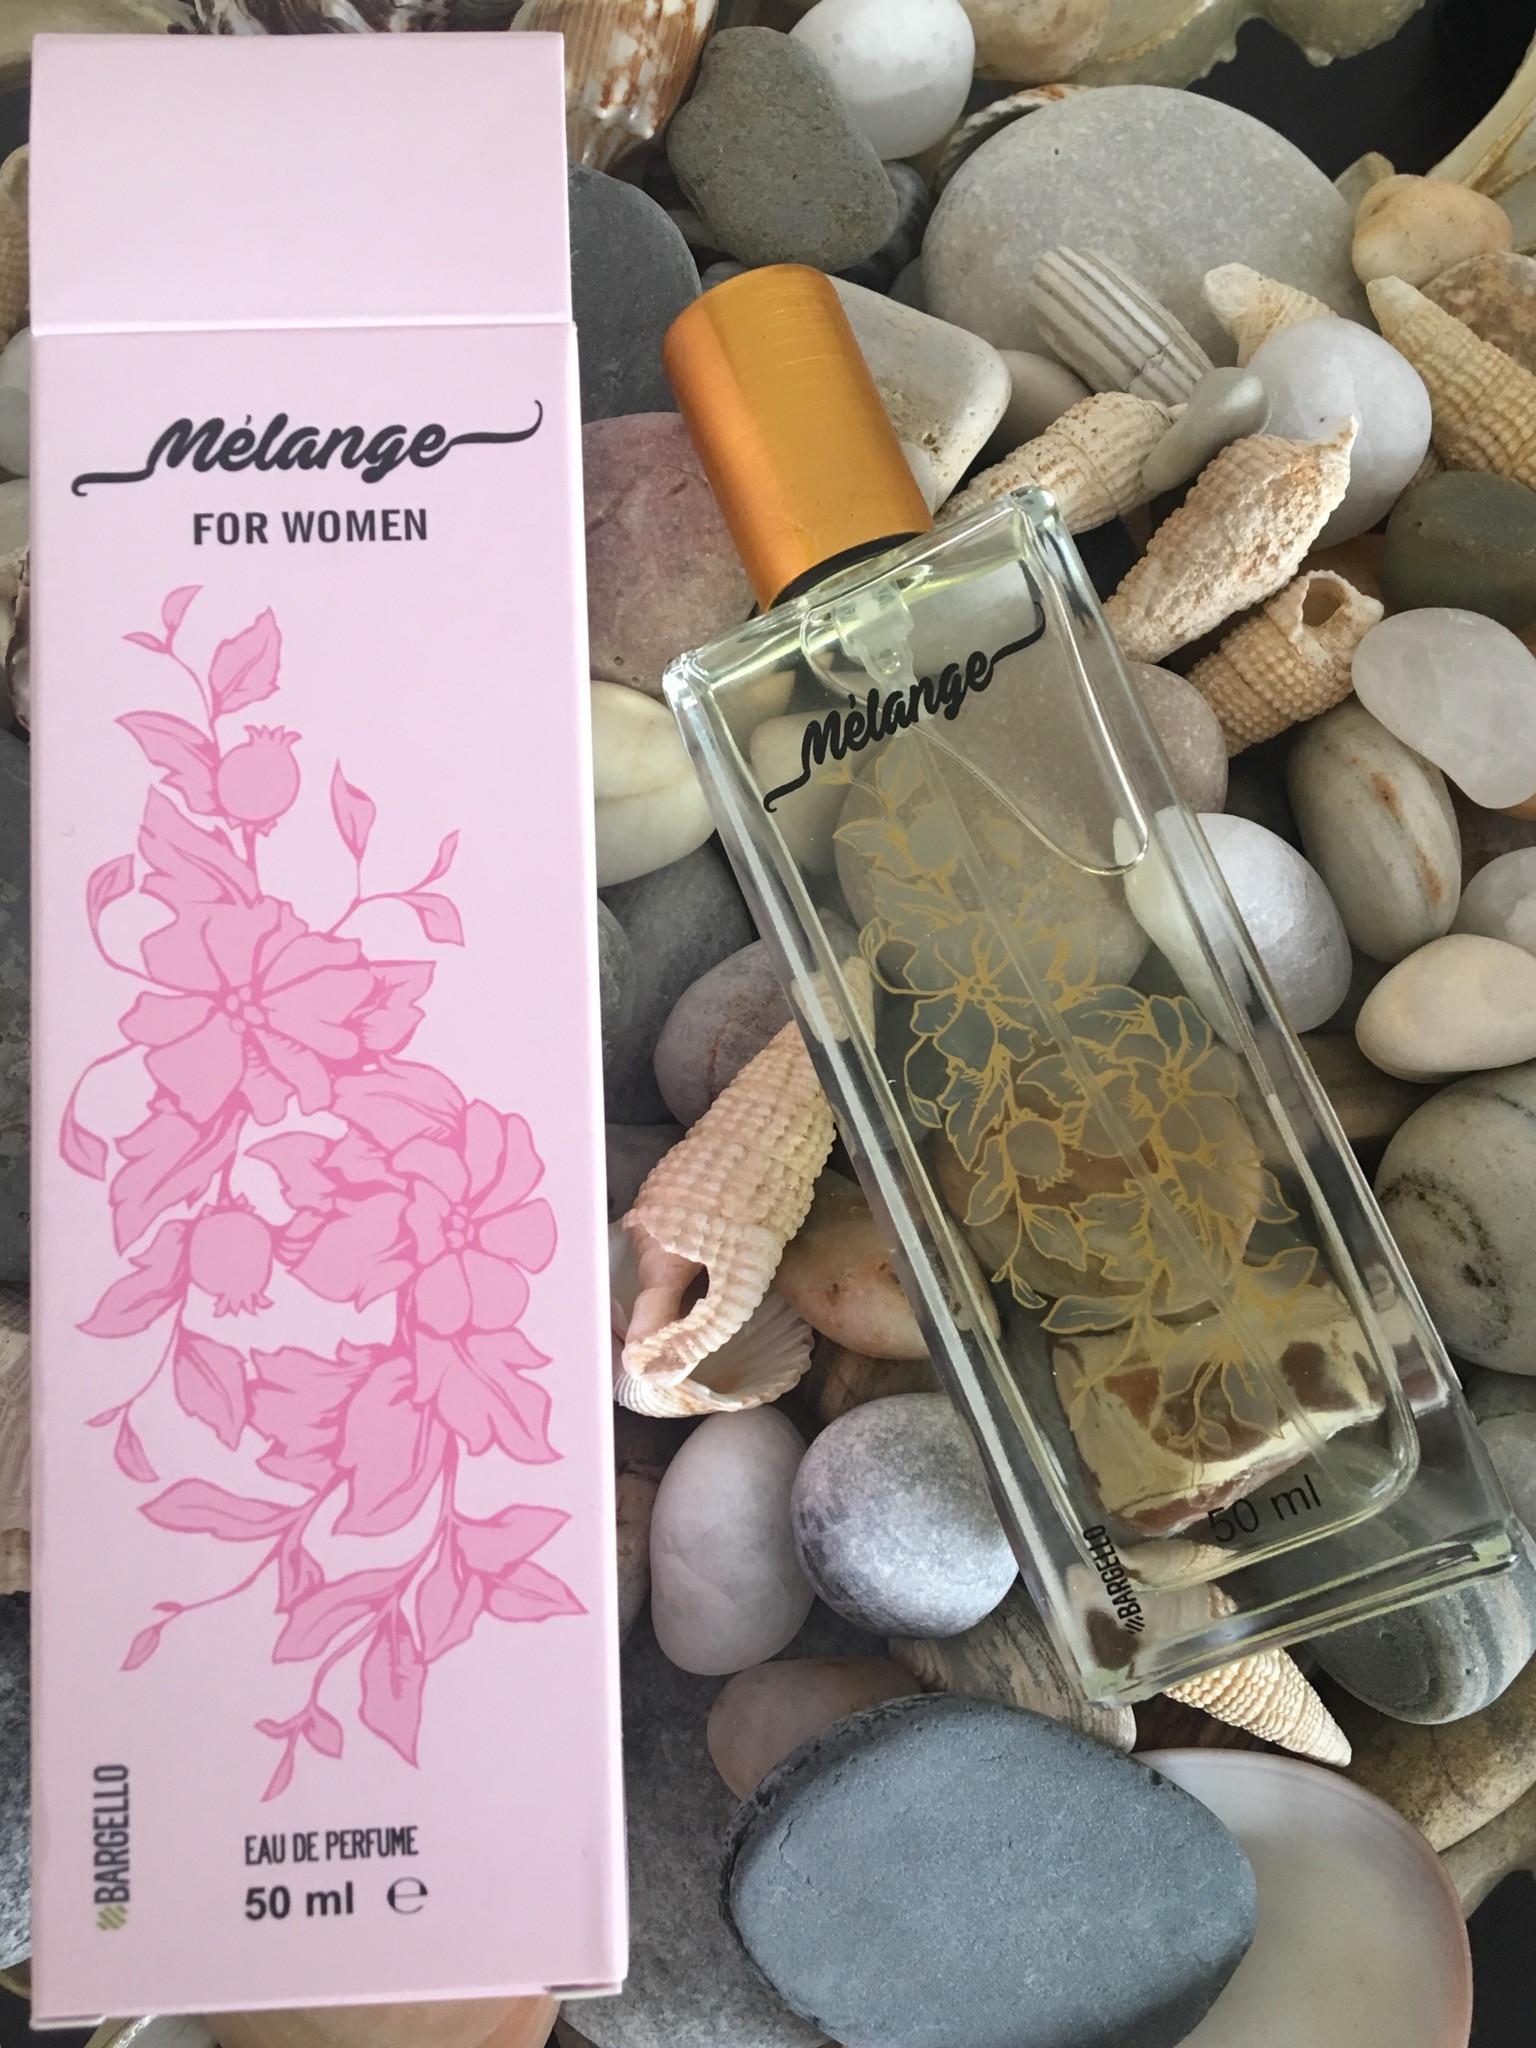 Bargello Melange Parfüm Kullananlar Ve Hakkında Yorumları